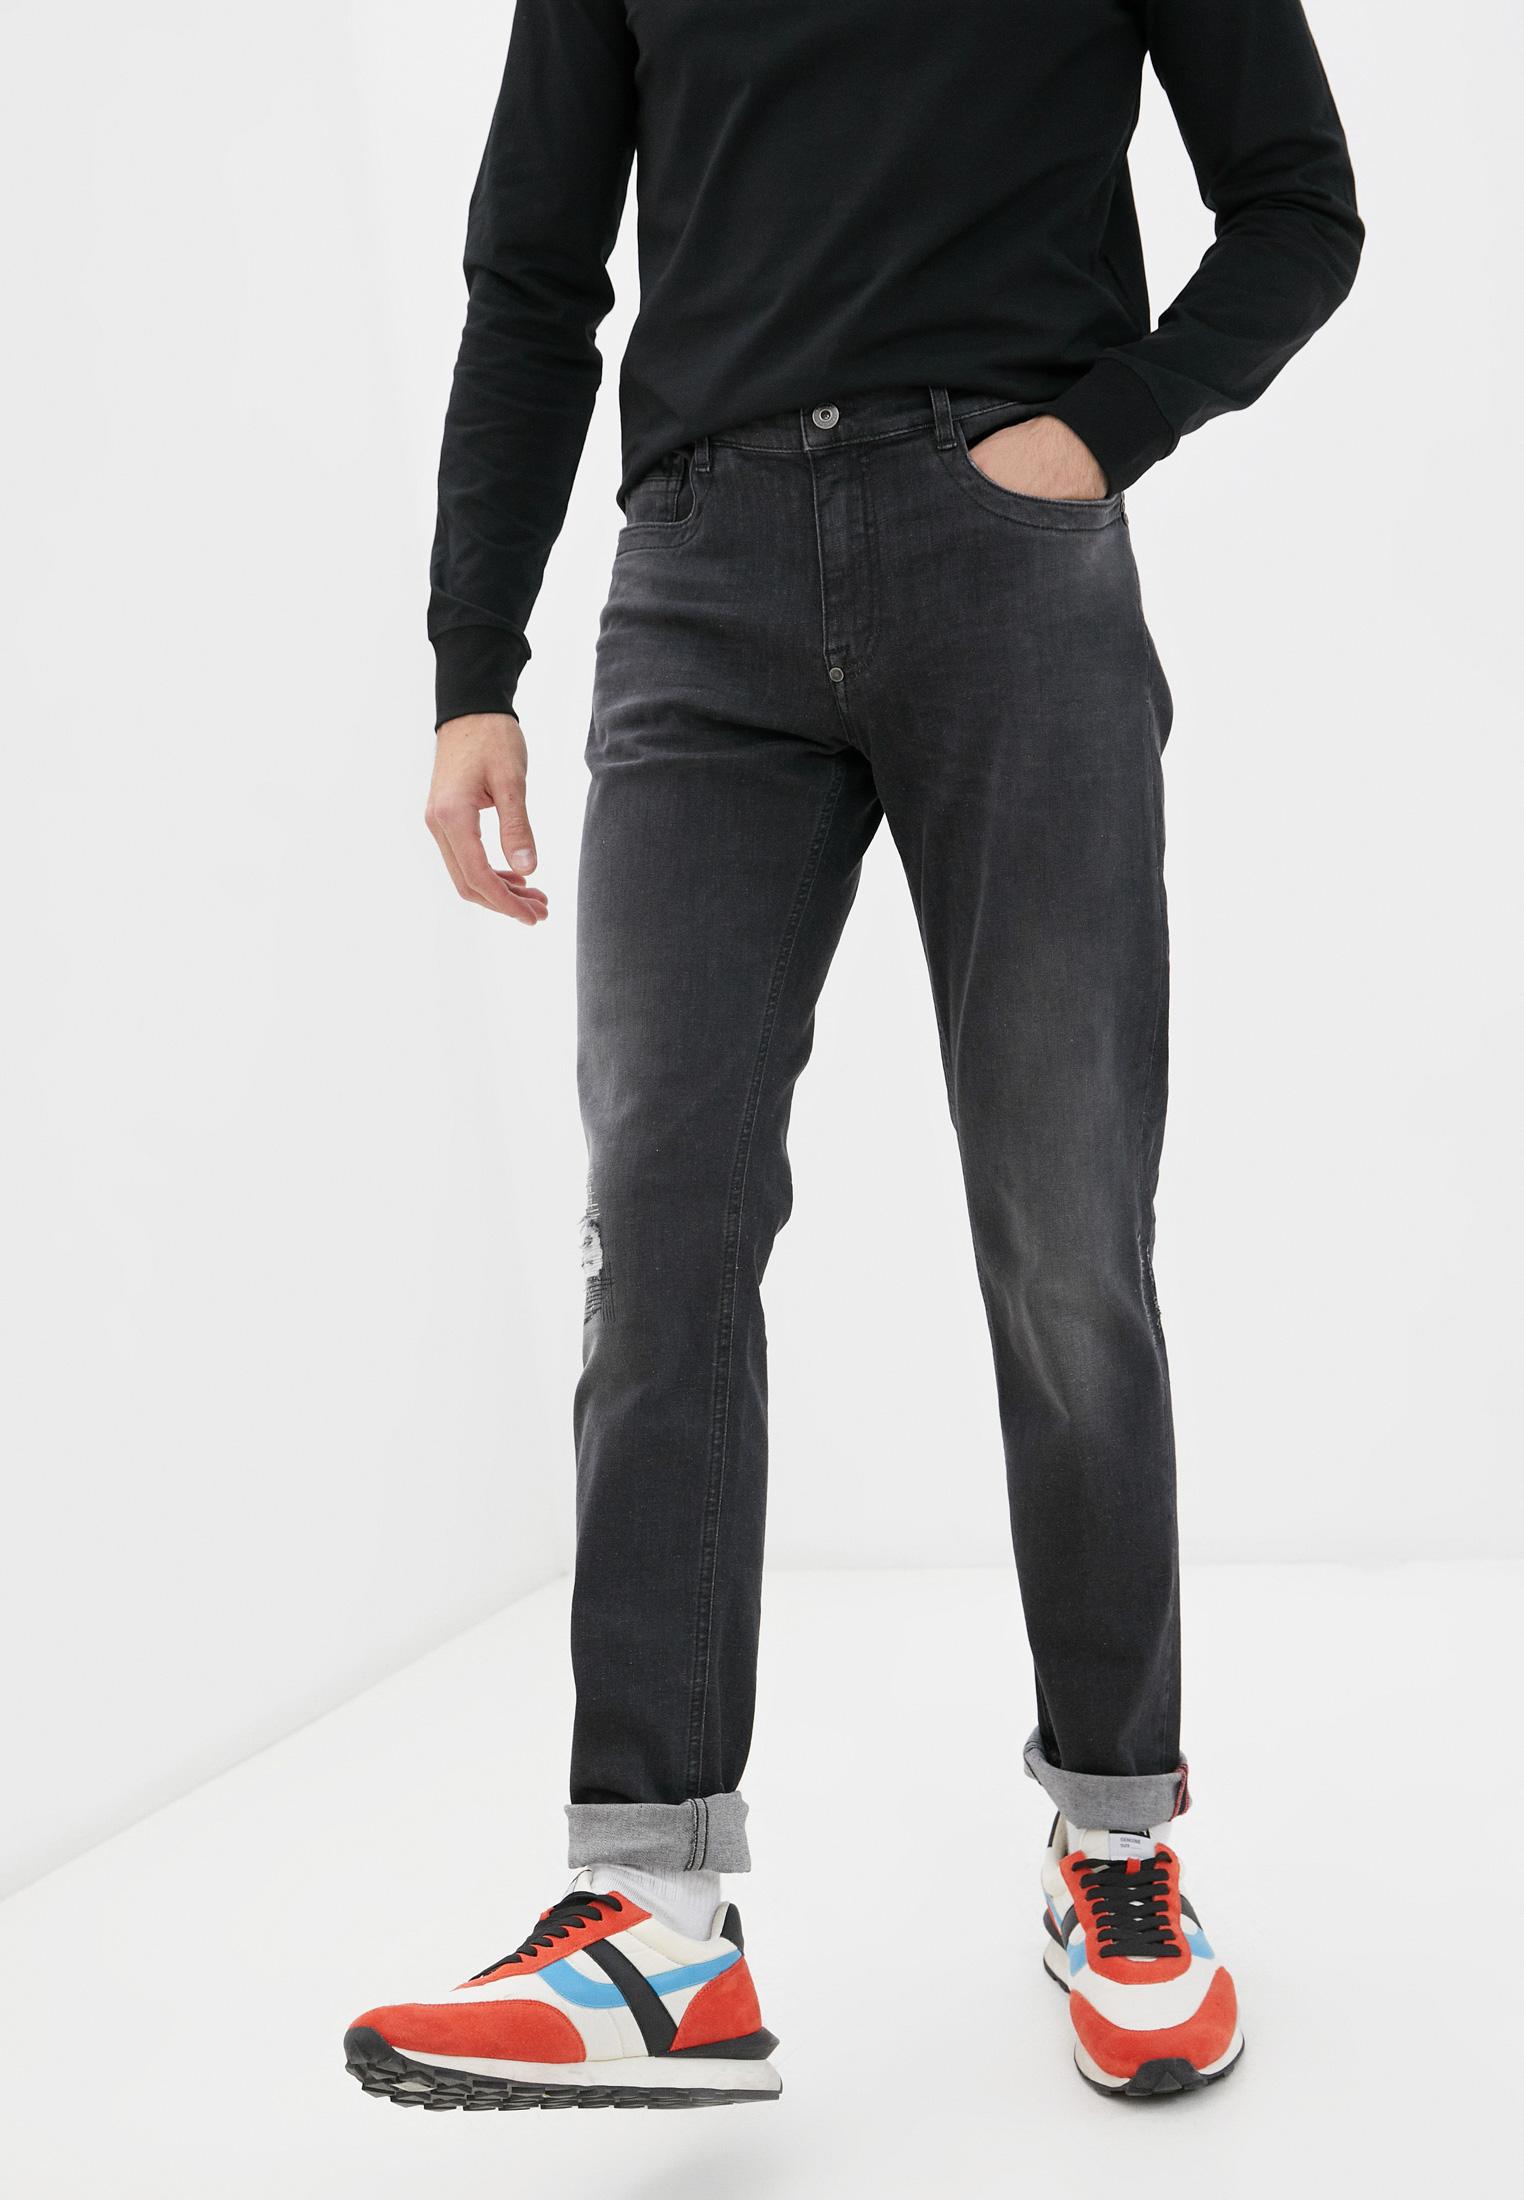 Мужские зауженные джинсы Bikkembergs (Биккембергс) C Q 101 17 S 3446: изображение 6